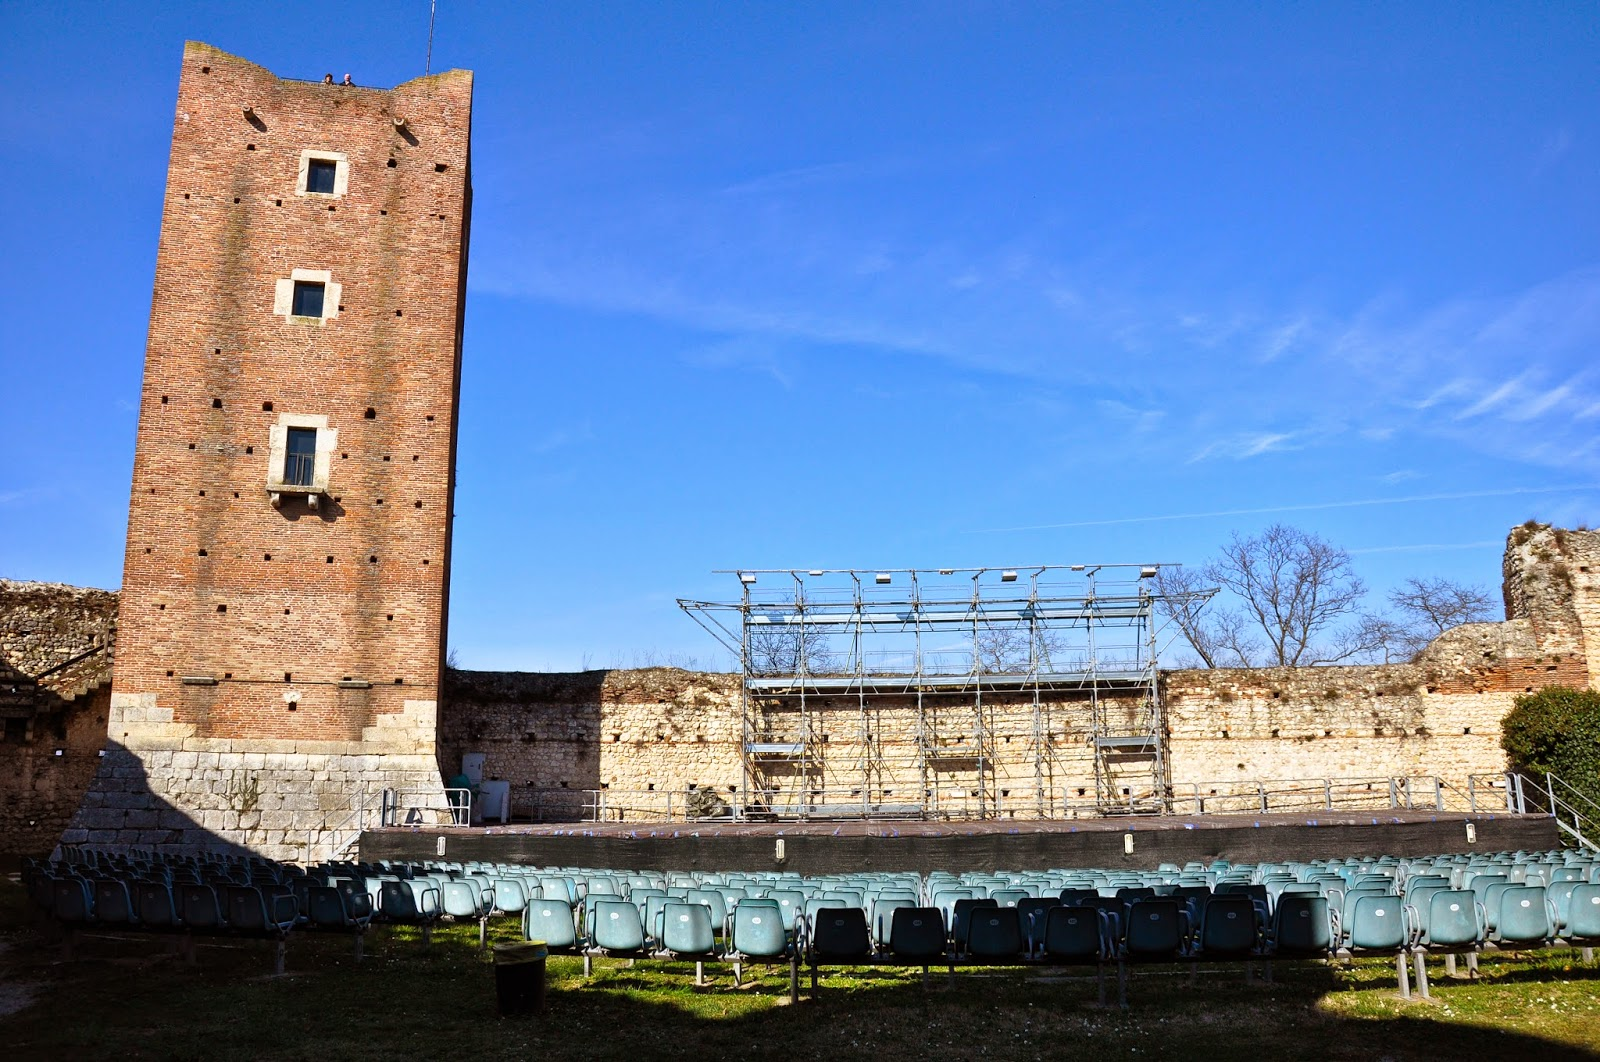 The stage inside Romeo's Castle, Montecchio Maggiore, Veneto